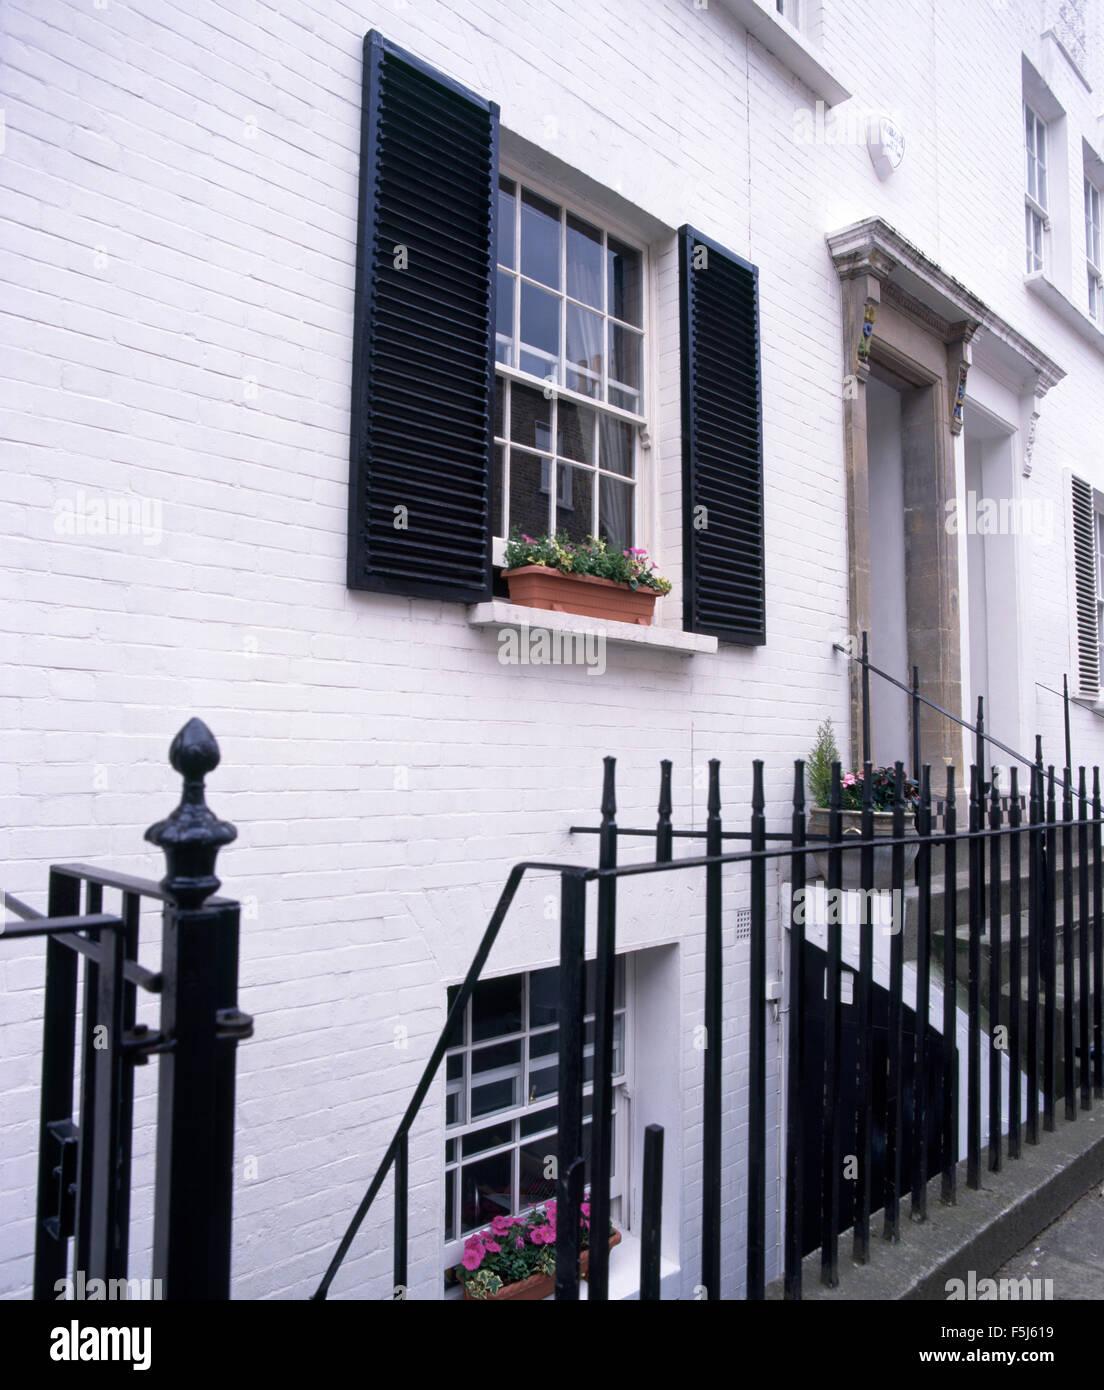 Maison Peinte En Blanc Exterieur extérieur d'une maison nouvellement peint en blanc avec des